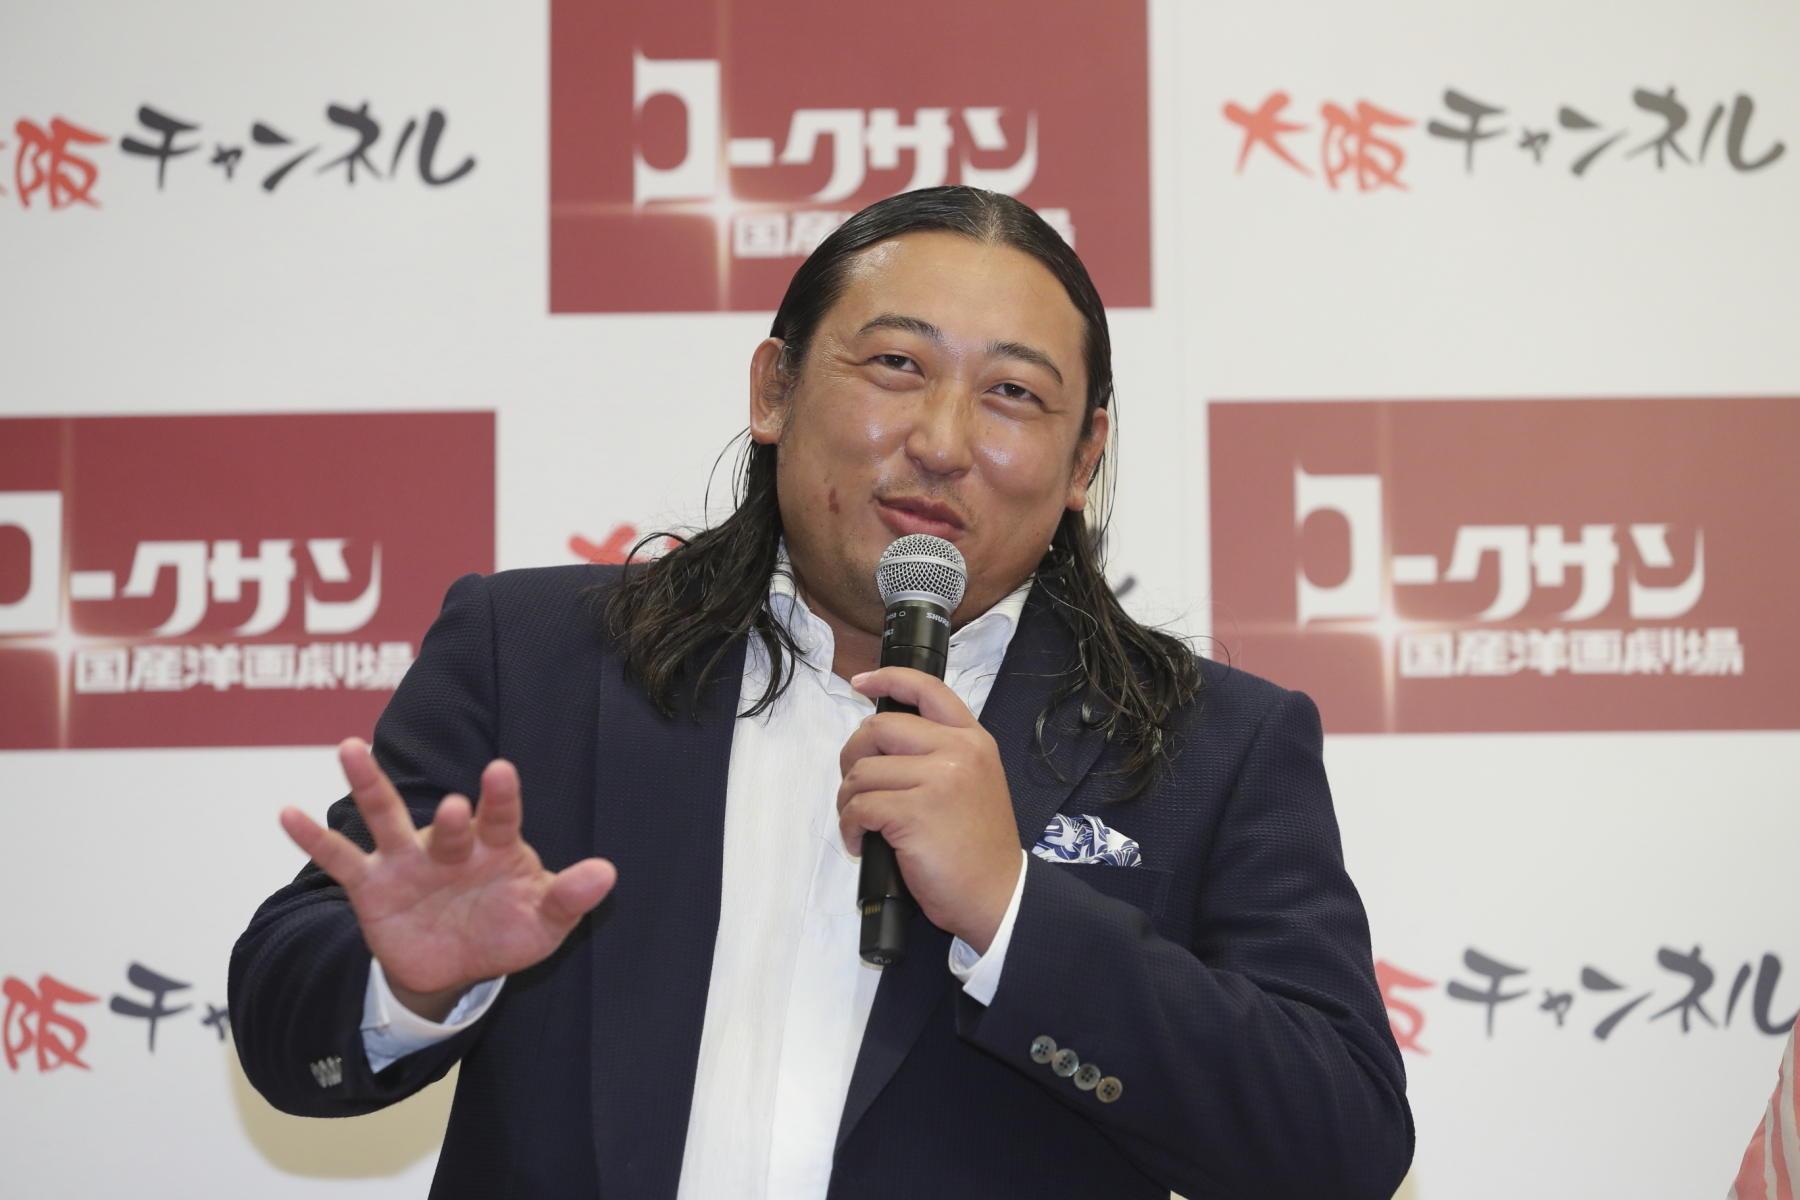 http://news.yoshimoto.co.jp/20180831164445-b61bd2c6bd5475086c63fb67b5e3c08548219a91.jpg